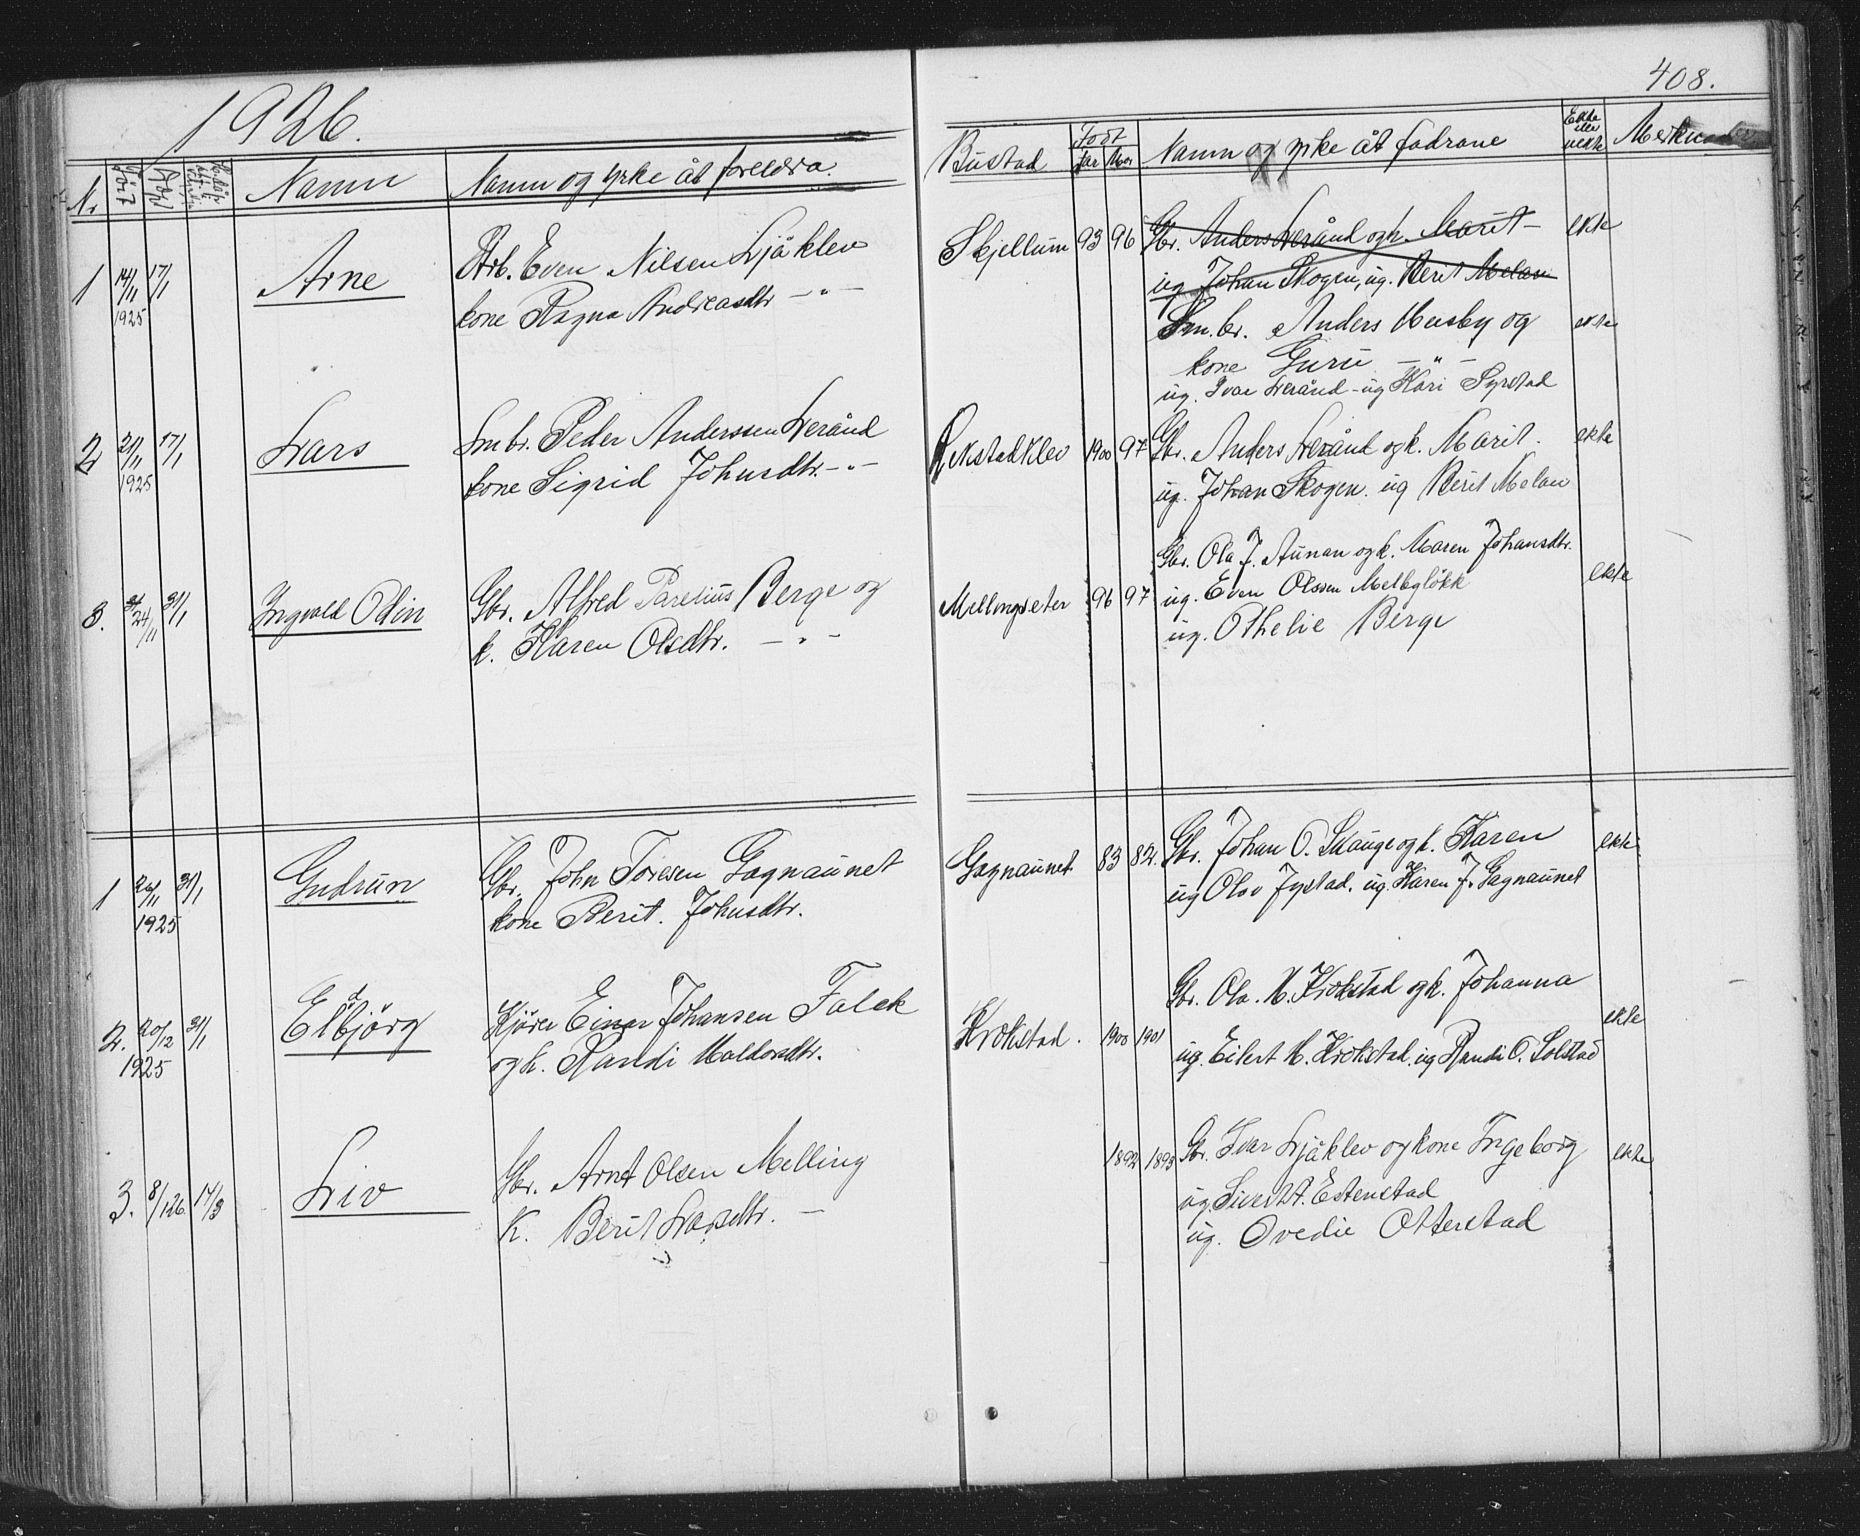 SAT, Ministerialprotokoller, klokkerbøker og fødselsregistre - Sør-Trøndelag, 667/L0798: Klokkerbok nr. 667C03, 1867-1929, s. 408